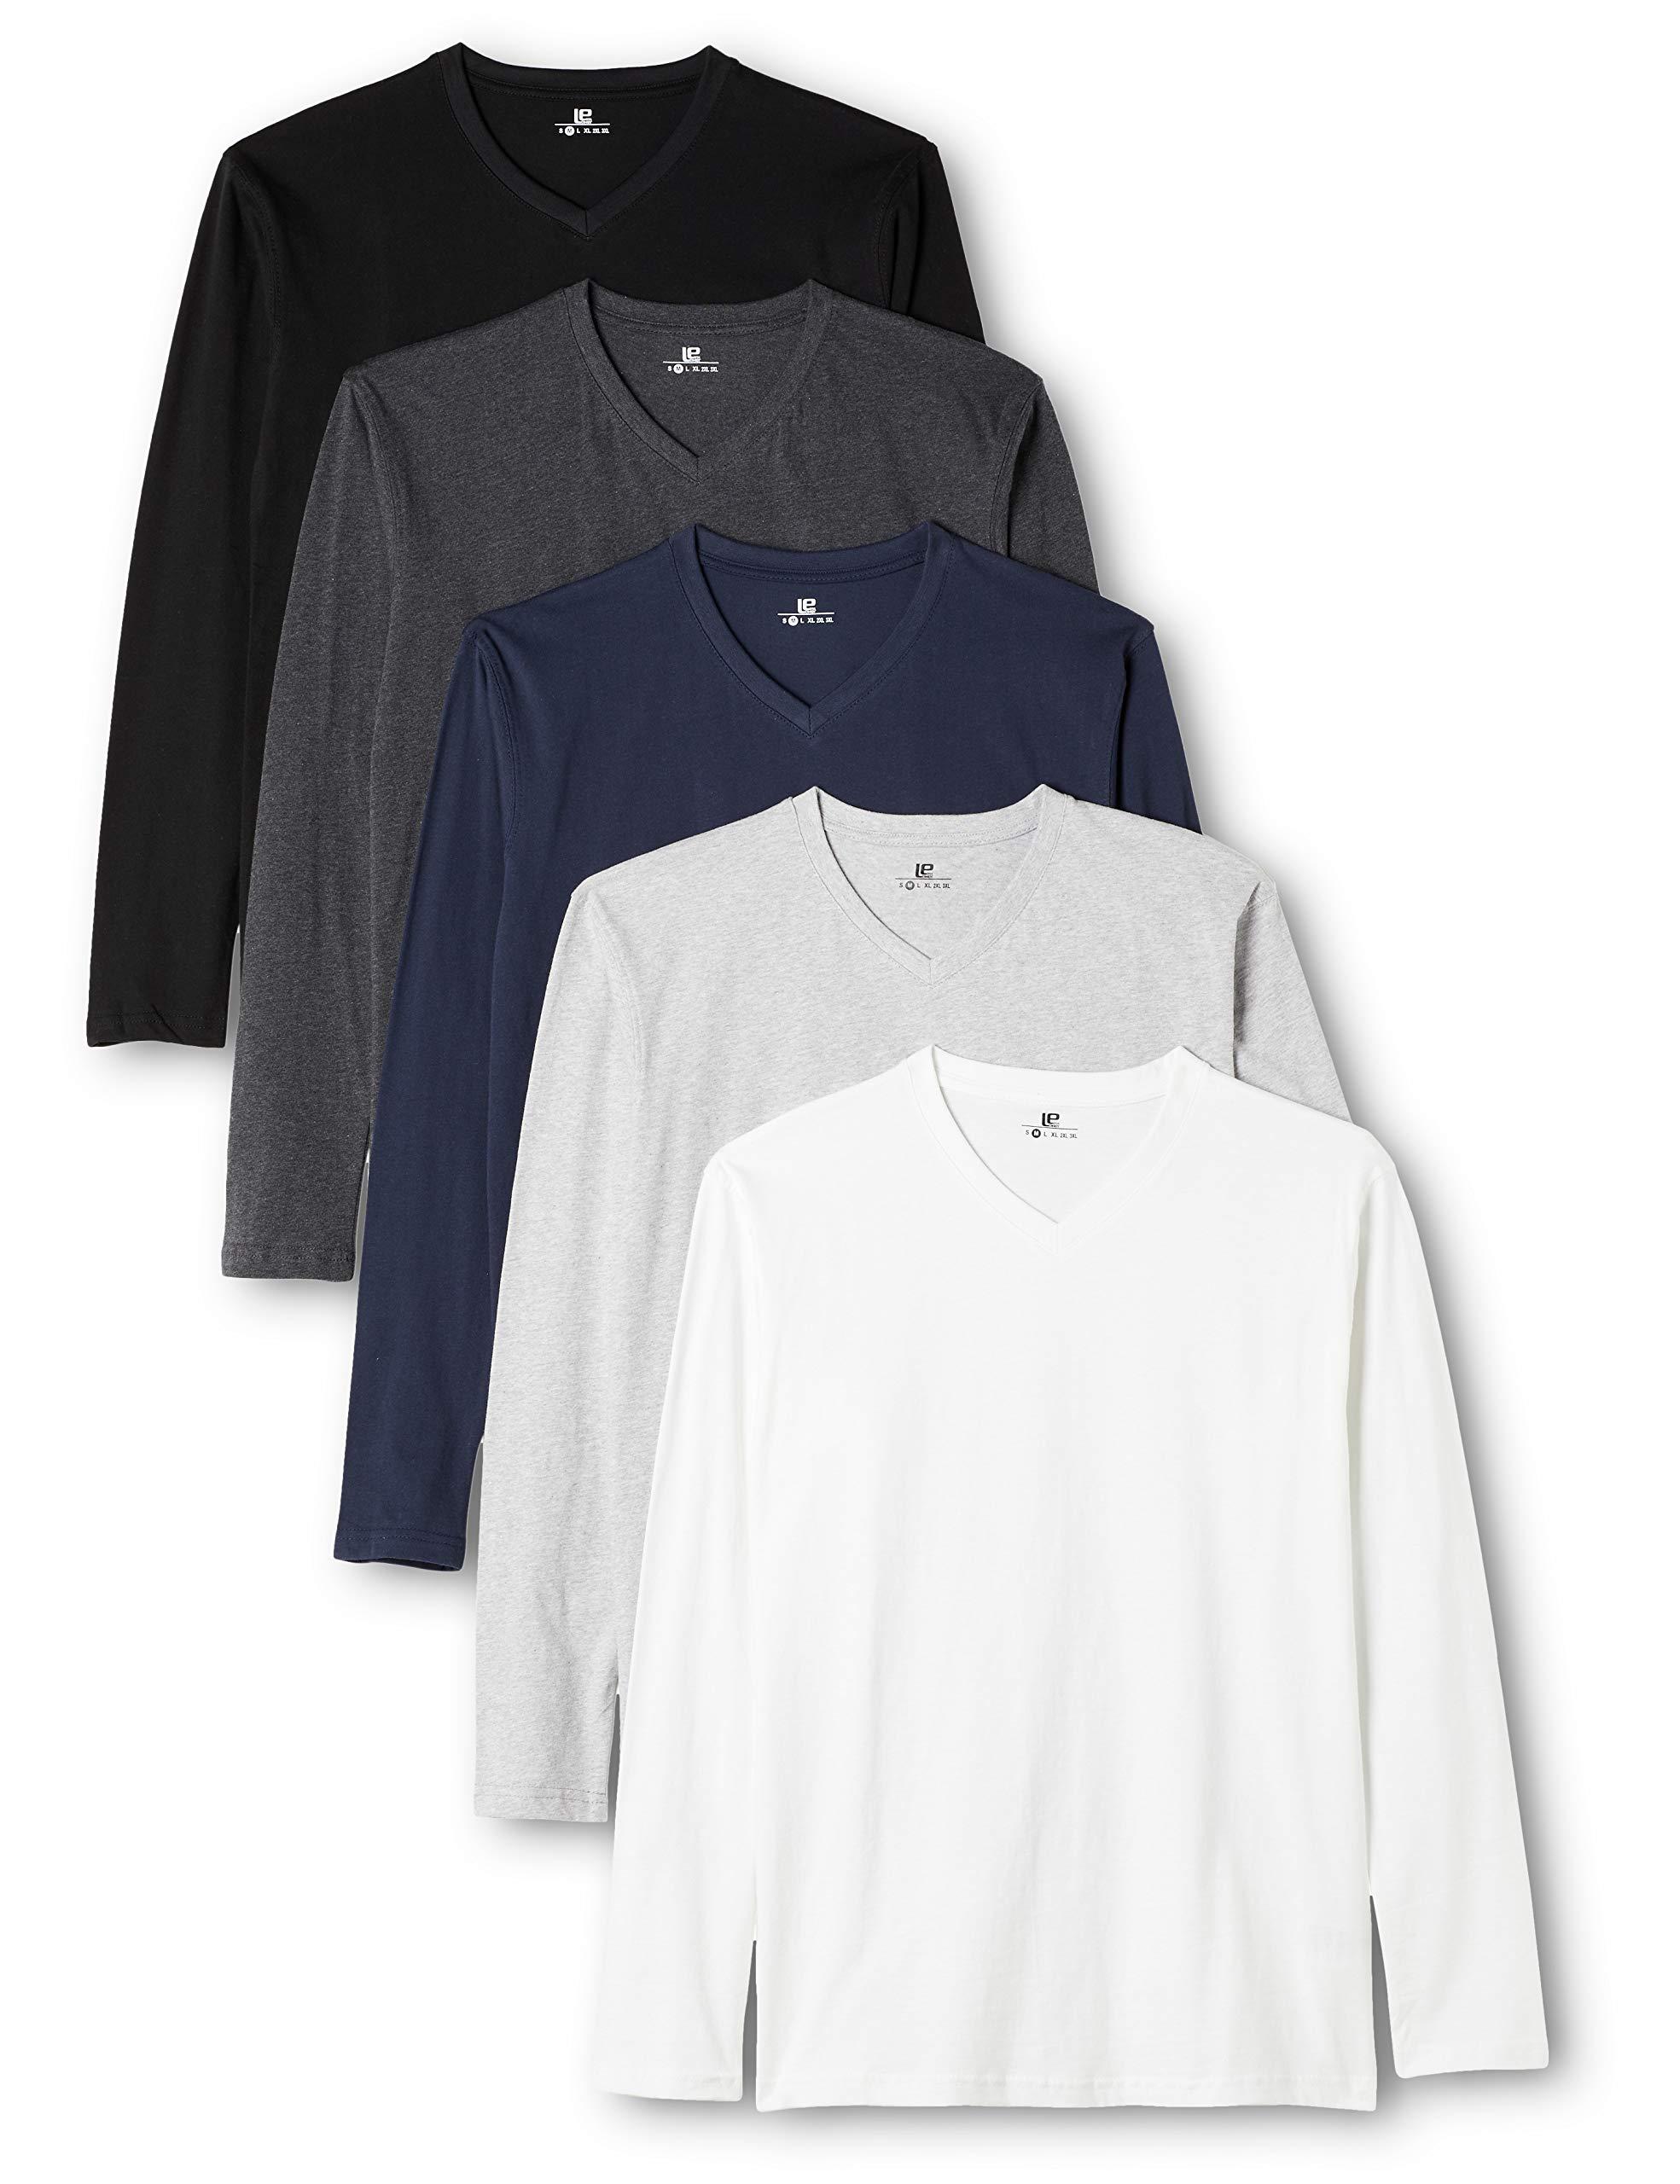 ebb312dff0fa5 Mejor valorados en Camisetas de manga larga para hombre   Opiniones ...